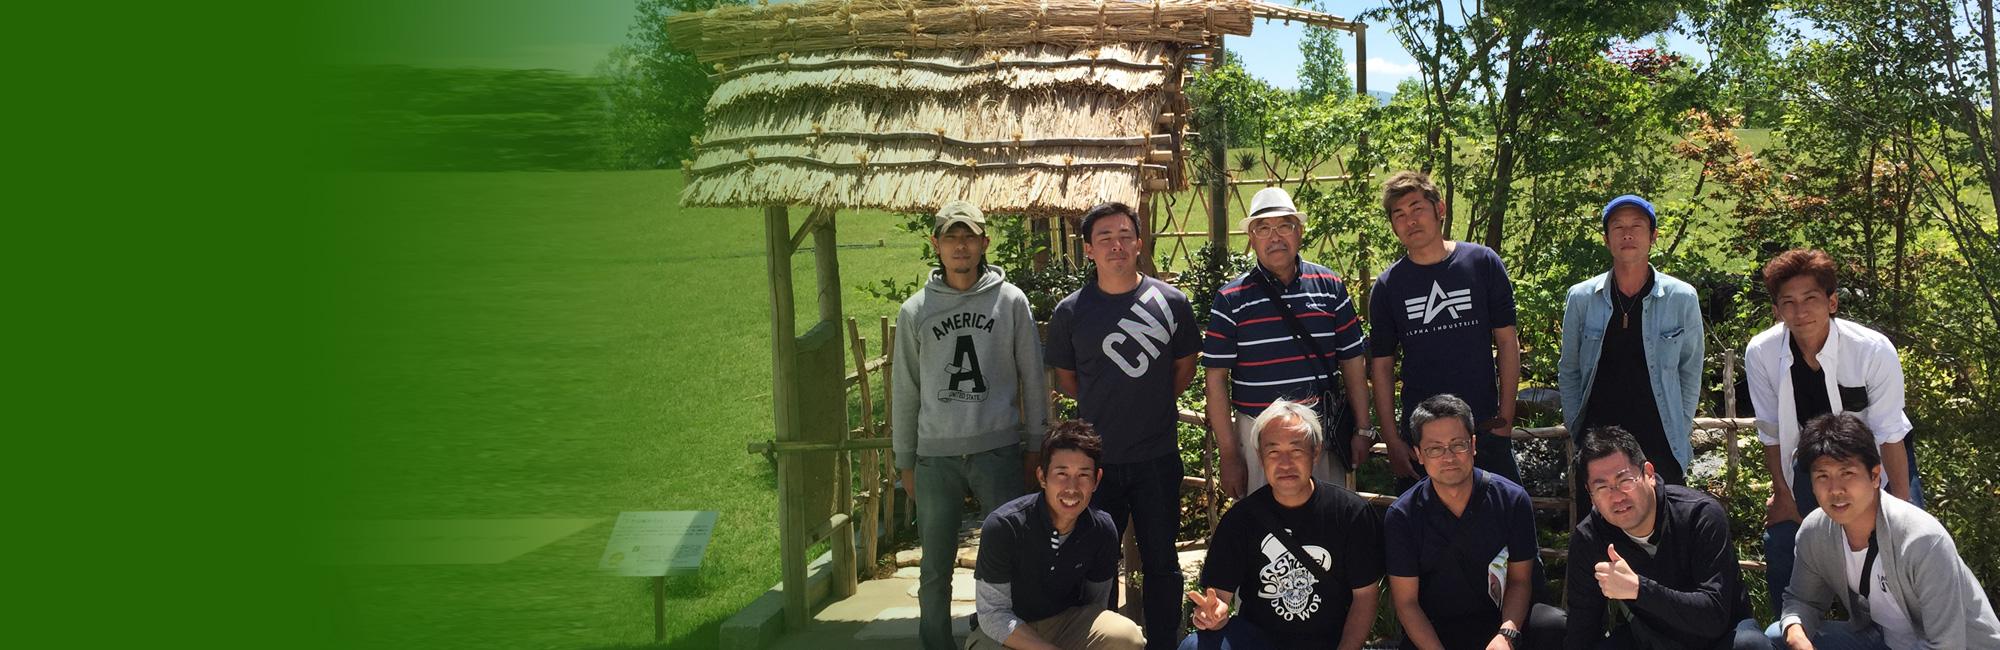 三多摩造園業協同組合を支える若い力「青年部」